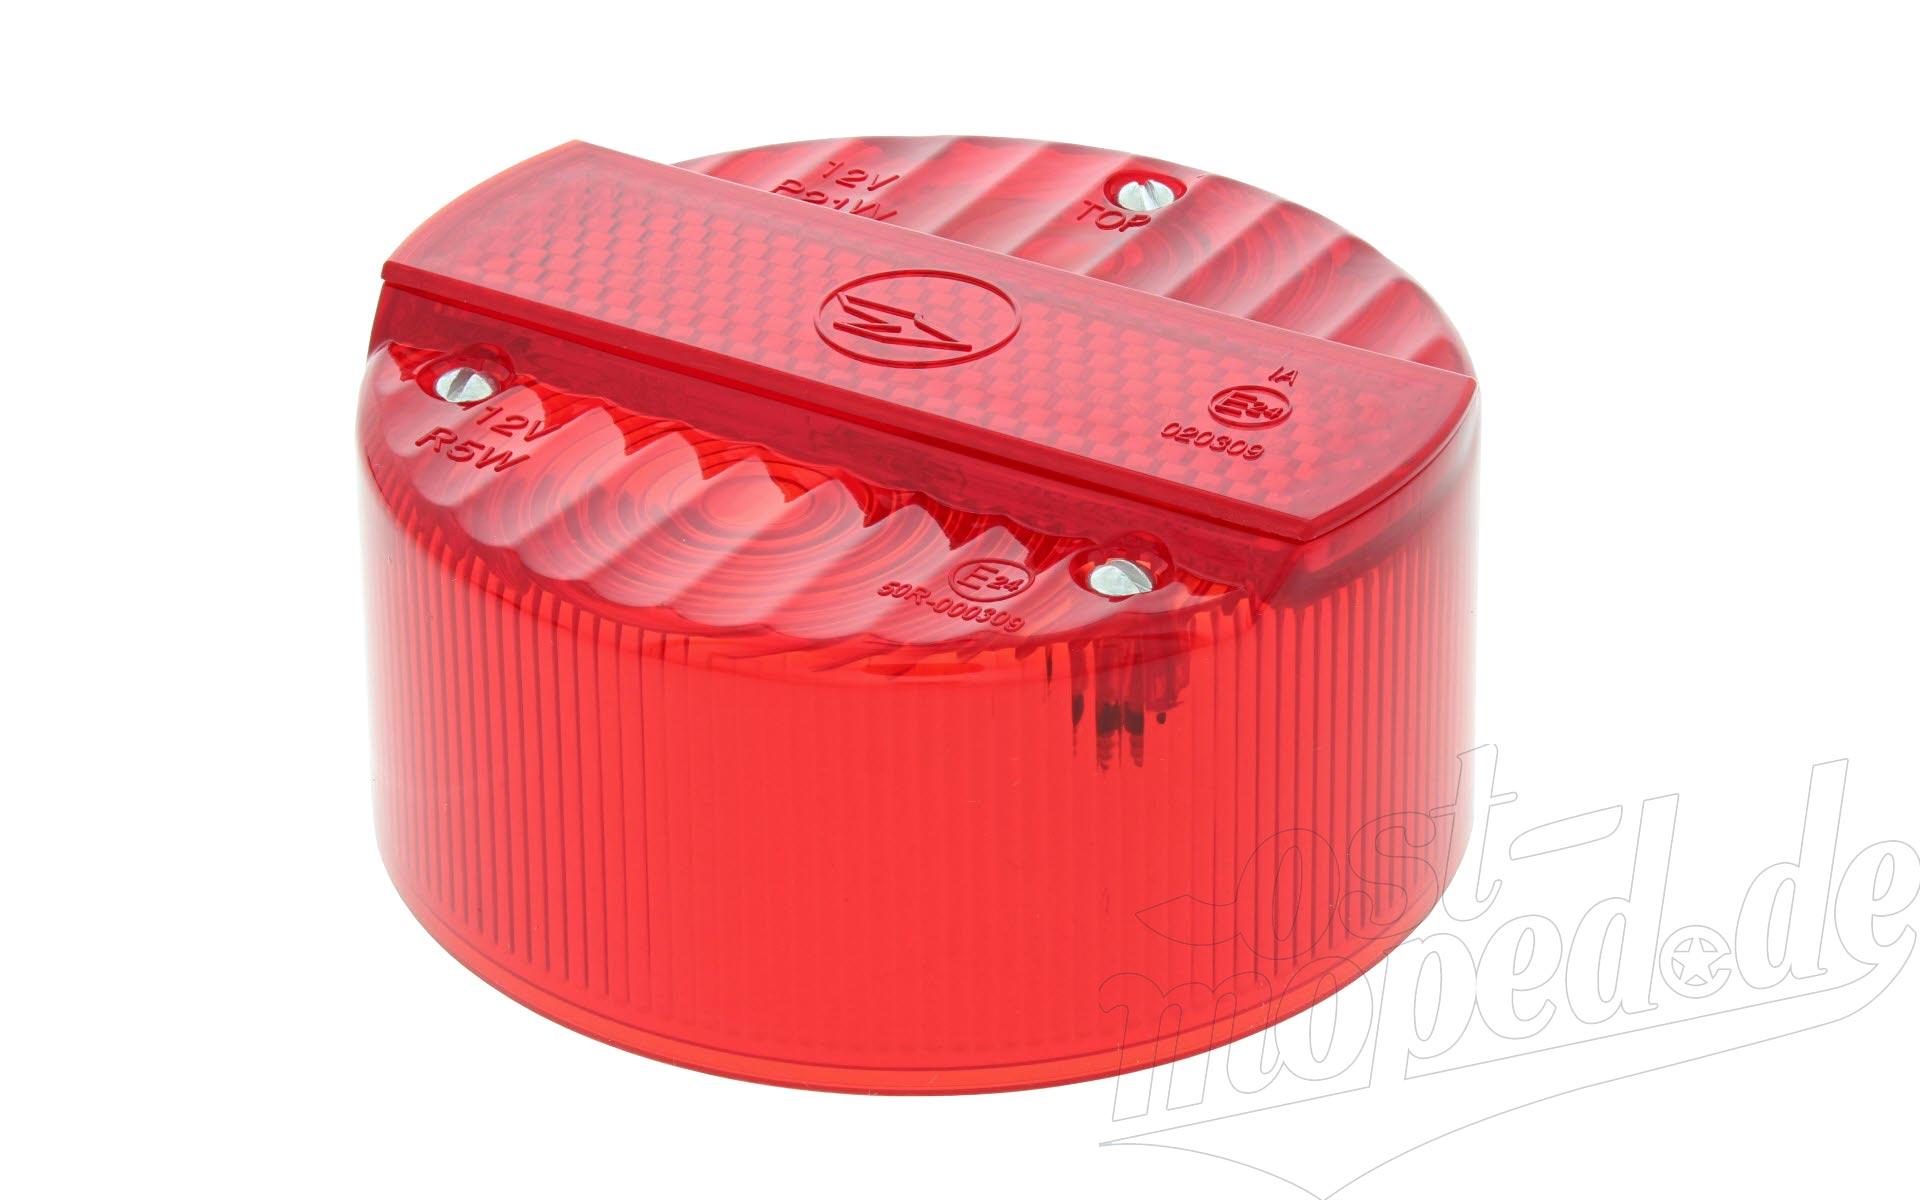 Rücklichtkappe für Bremsschlußleuchte ø 120 mm - rot - 3 Schrauben - ohne Kennzeichenbeleuchtung